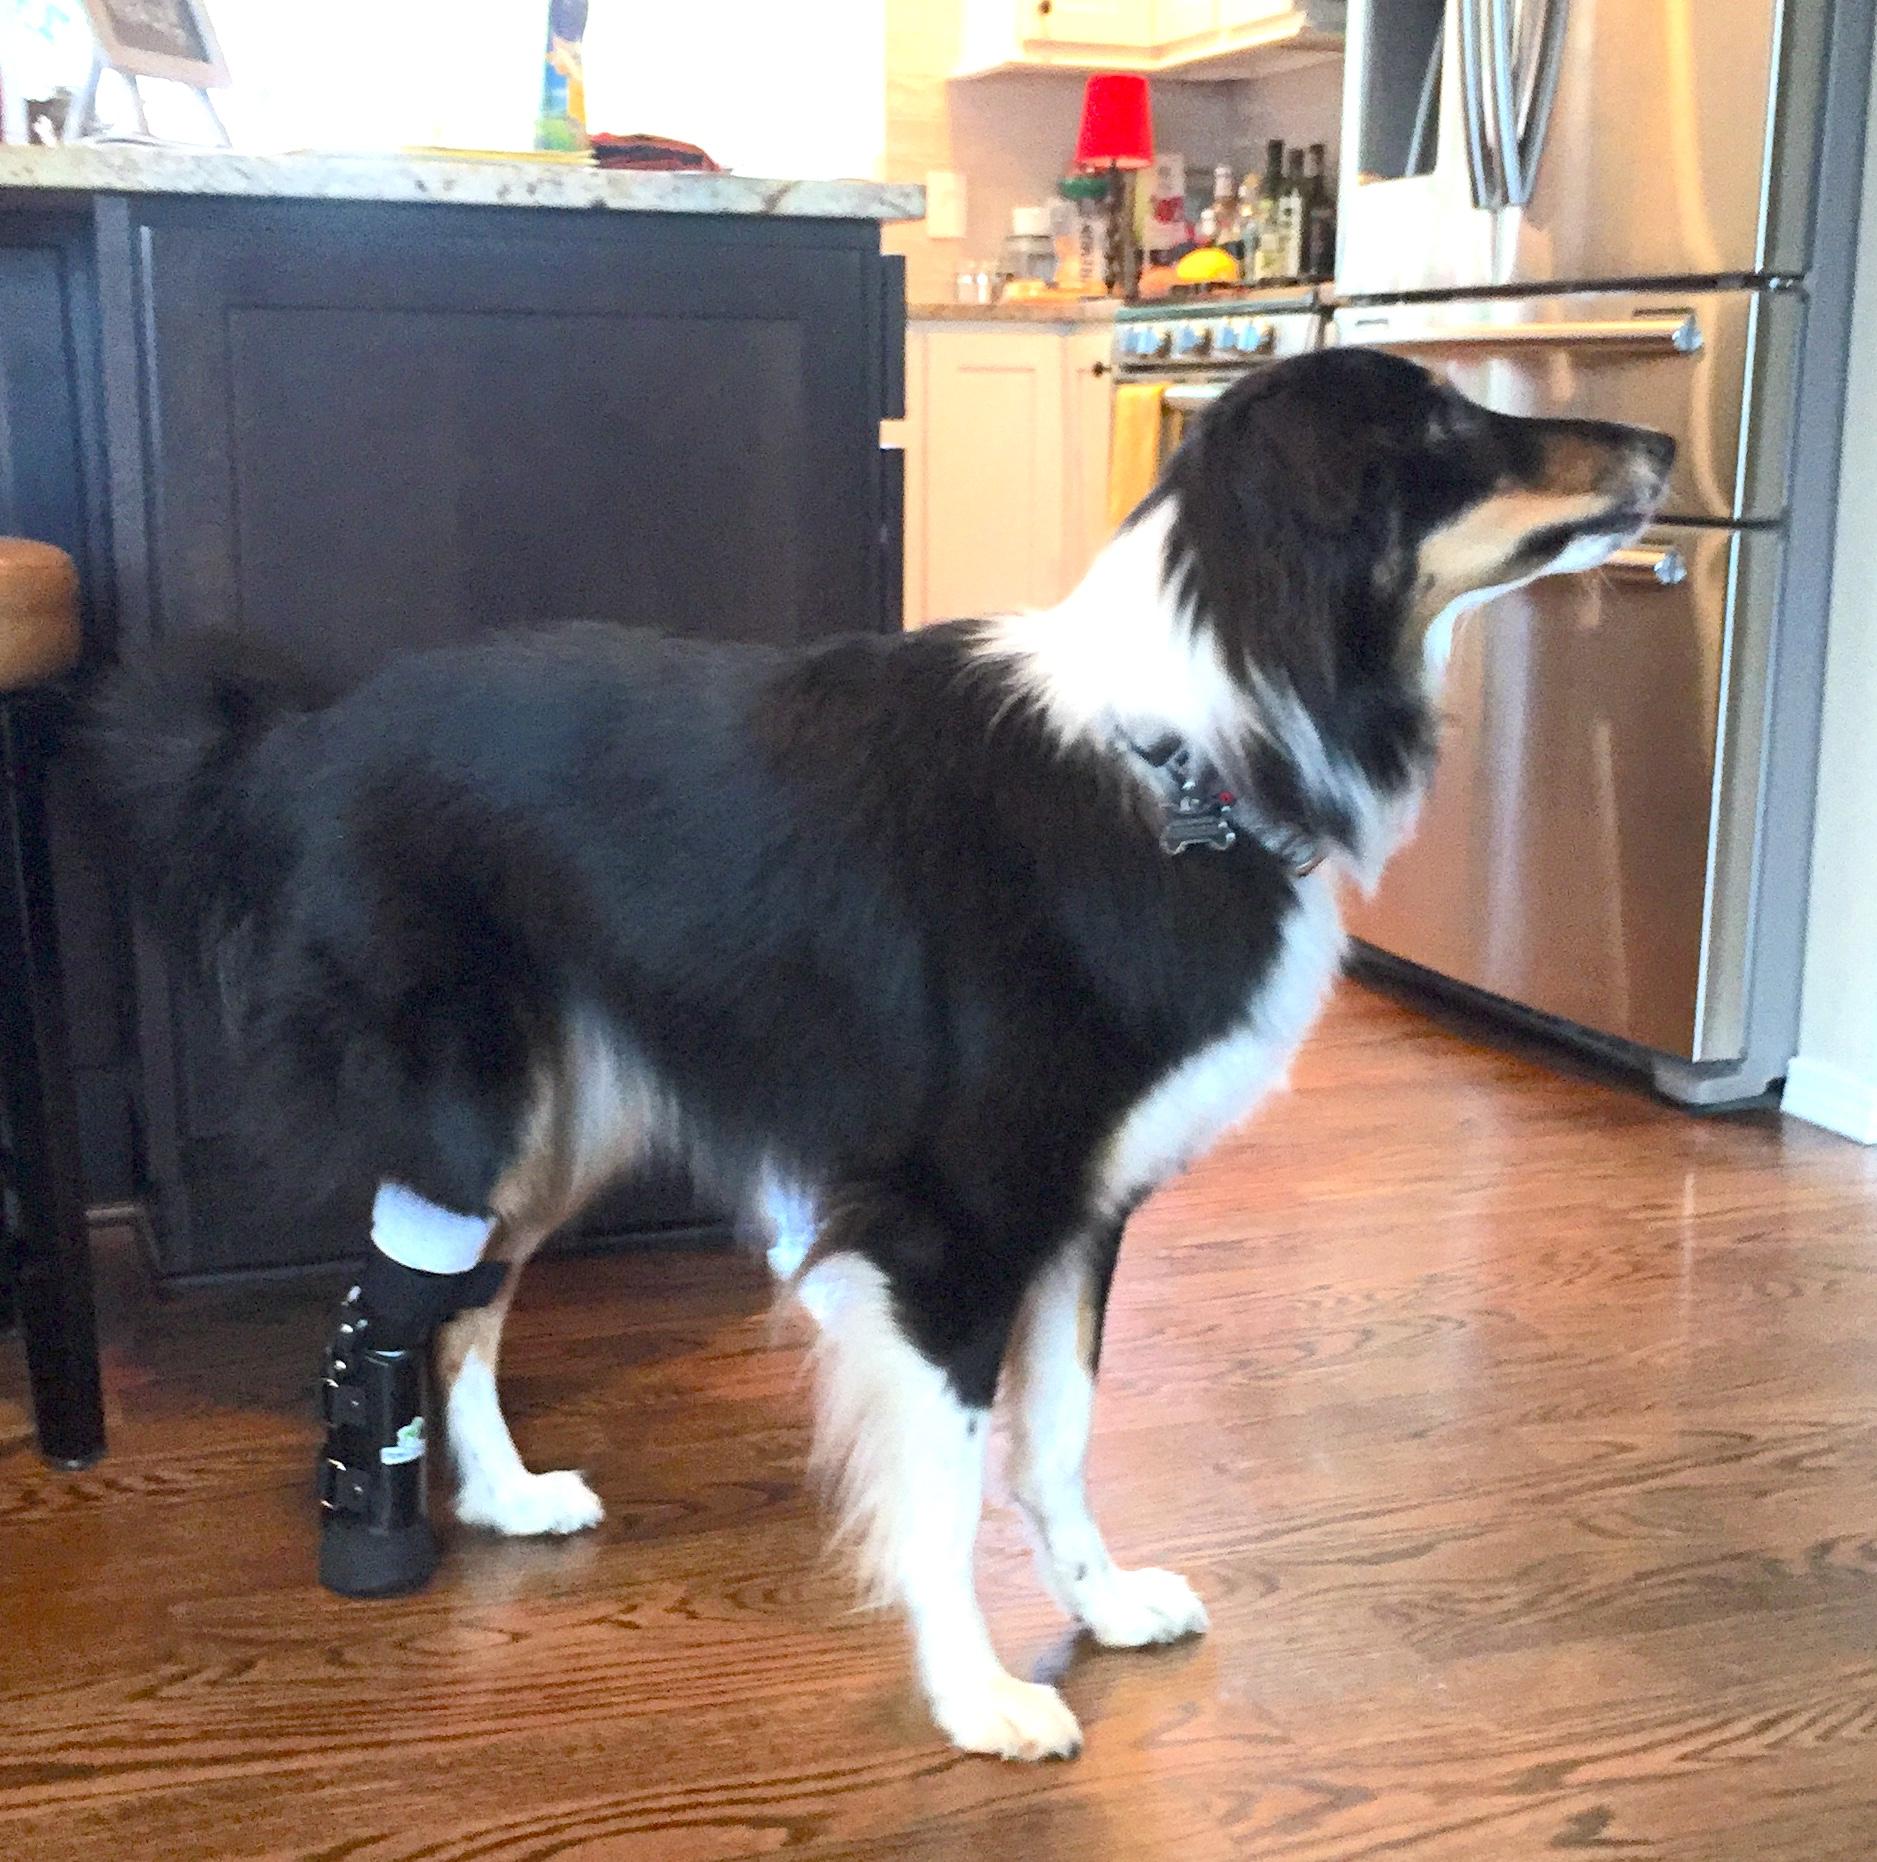 Canine Metatarsal Level Prosthesis